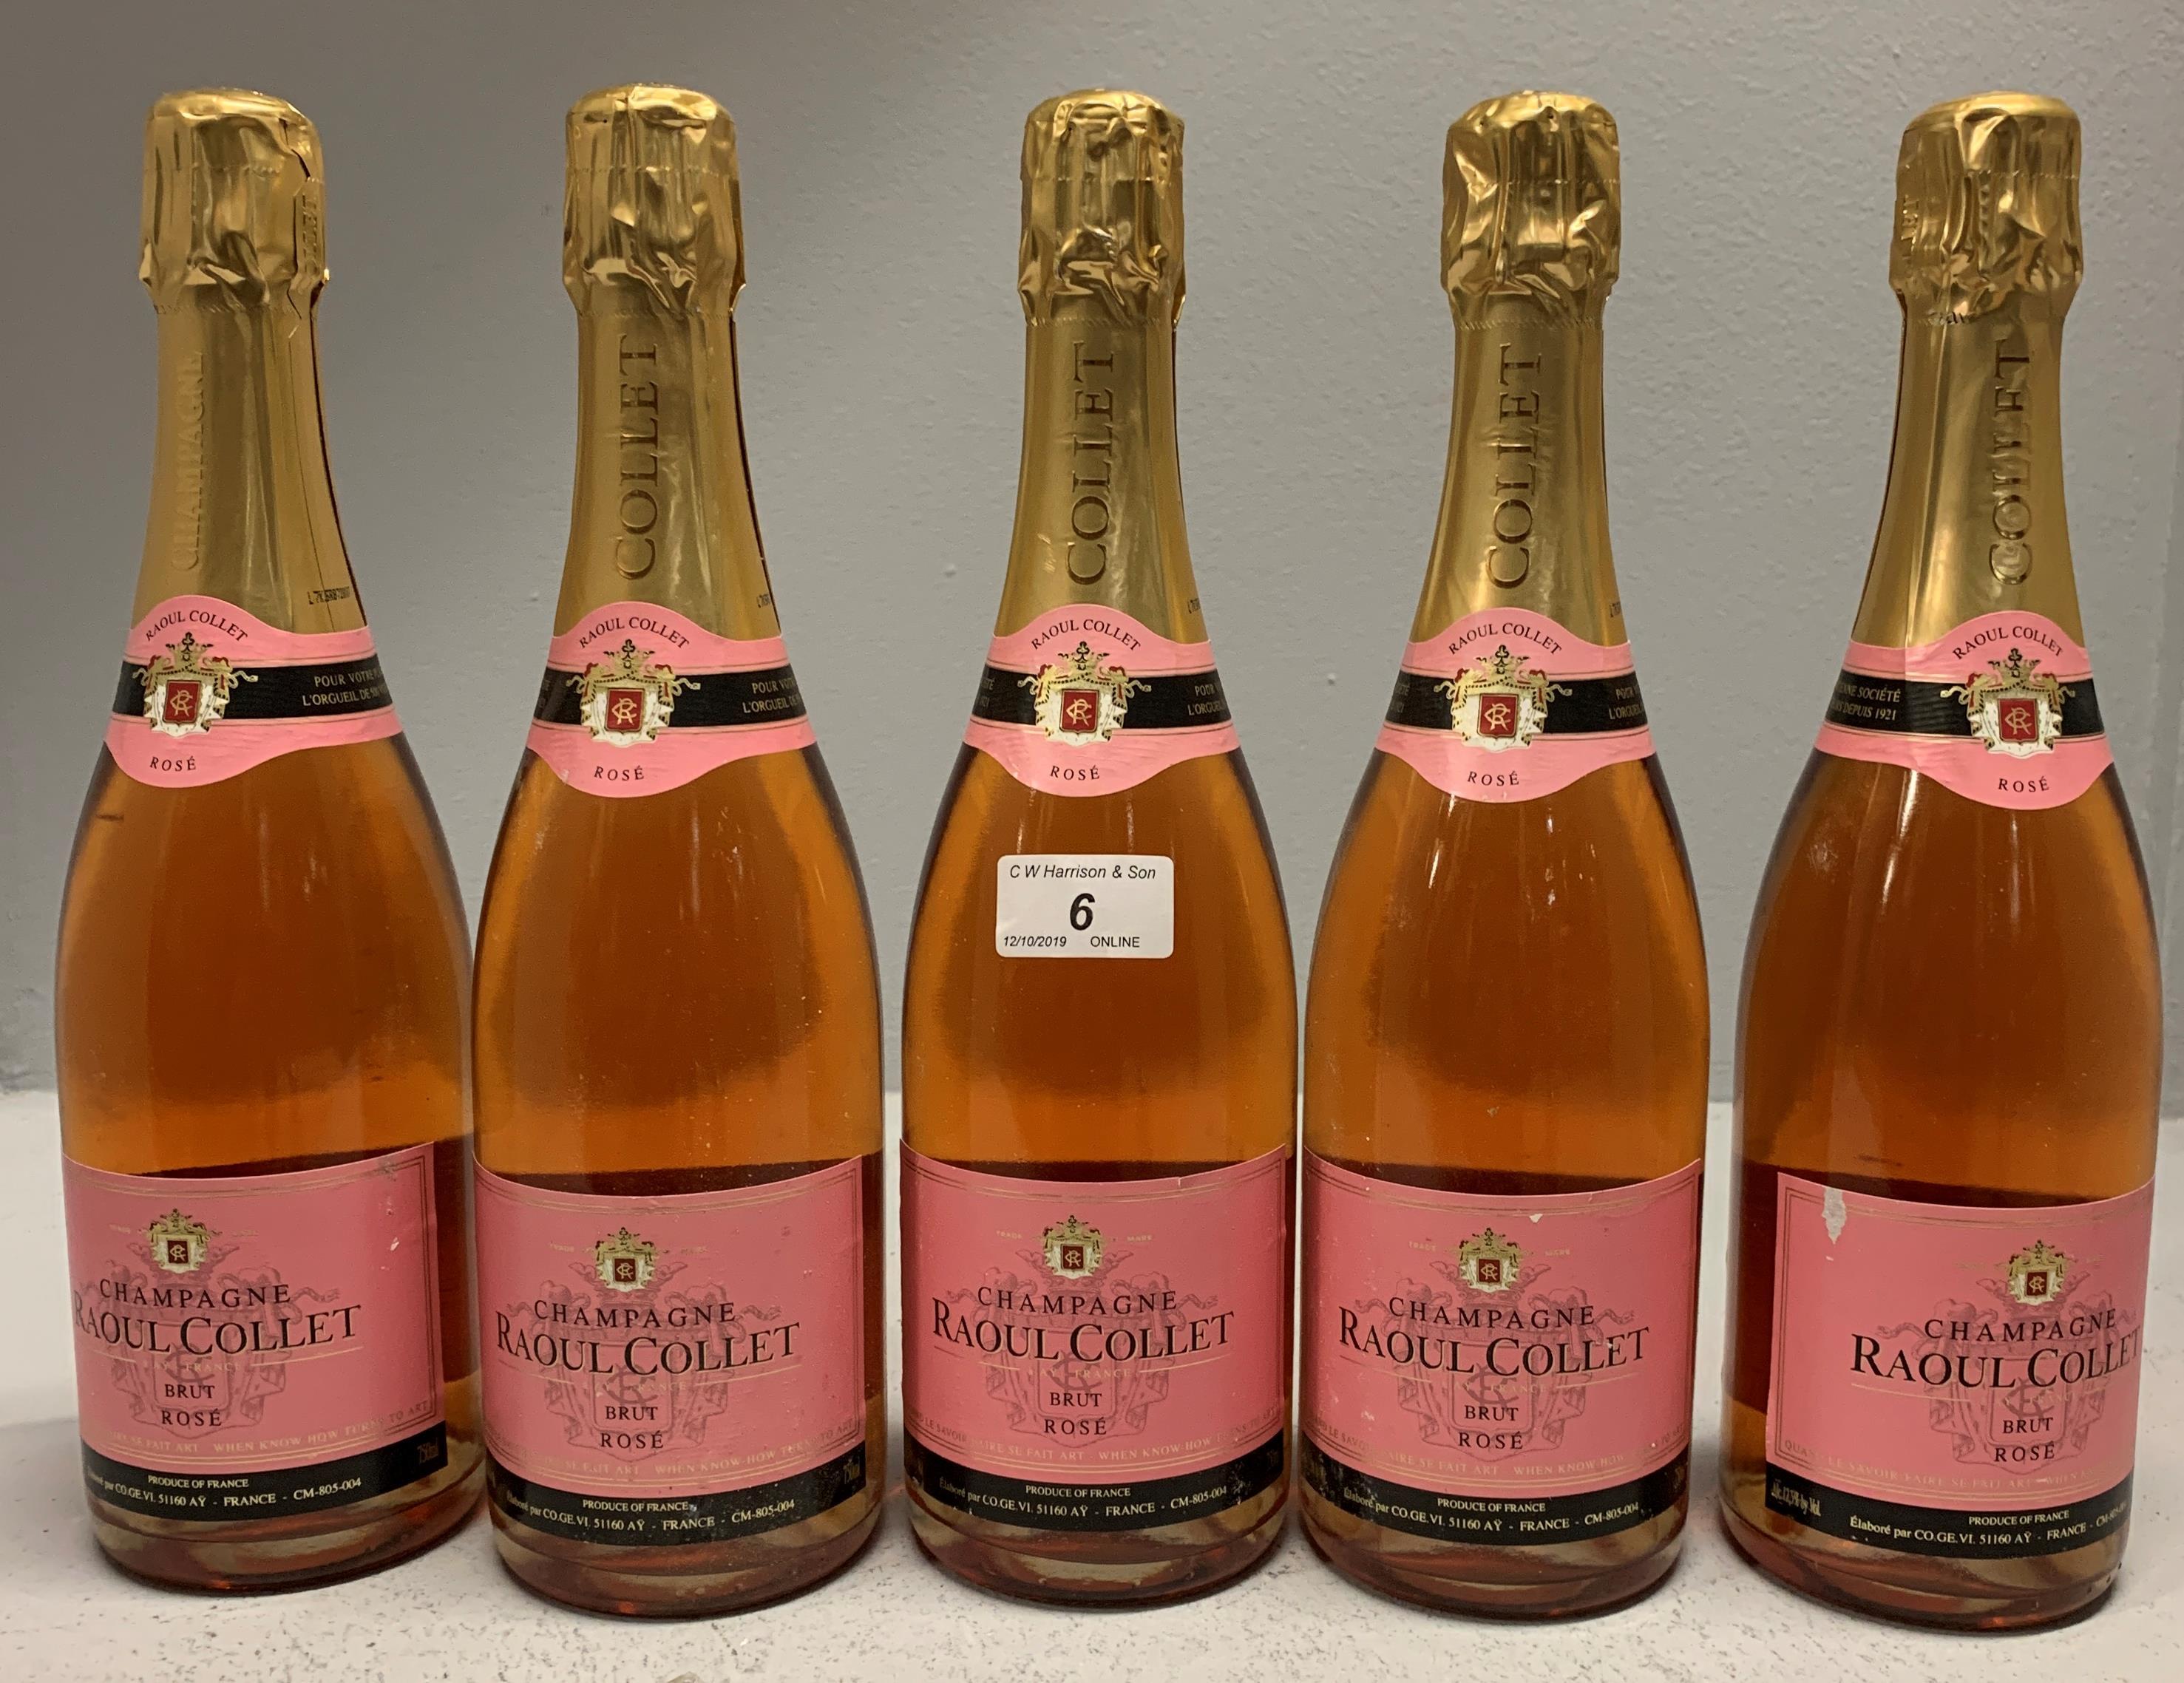 Lot 6 - 5 x 750ml bottles Raoul Collet Brut Rose